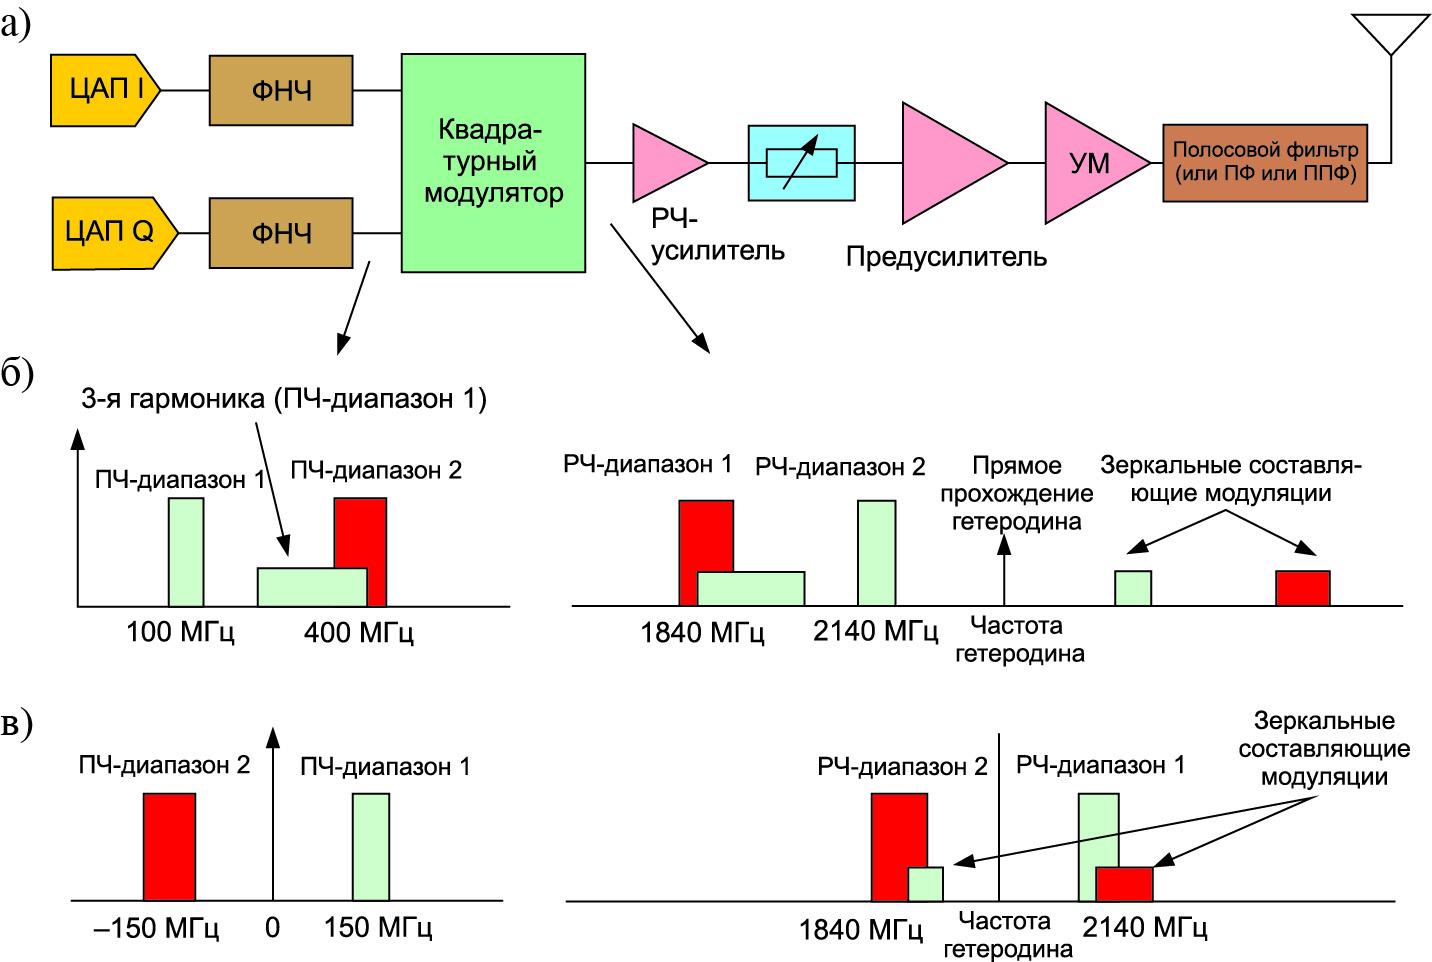 Примеры частотных планов для двухдиапазонного трансивера (диапазоны UMTS 1 и 2) при использовании традиционной архитектуры передатчика